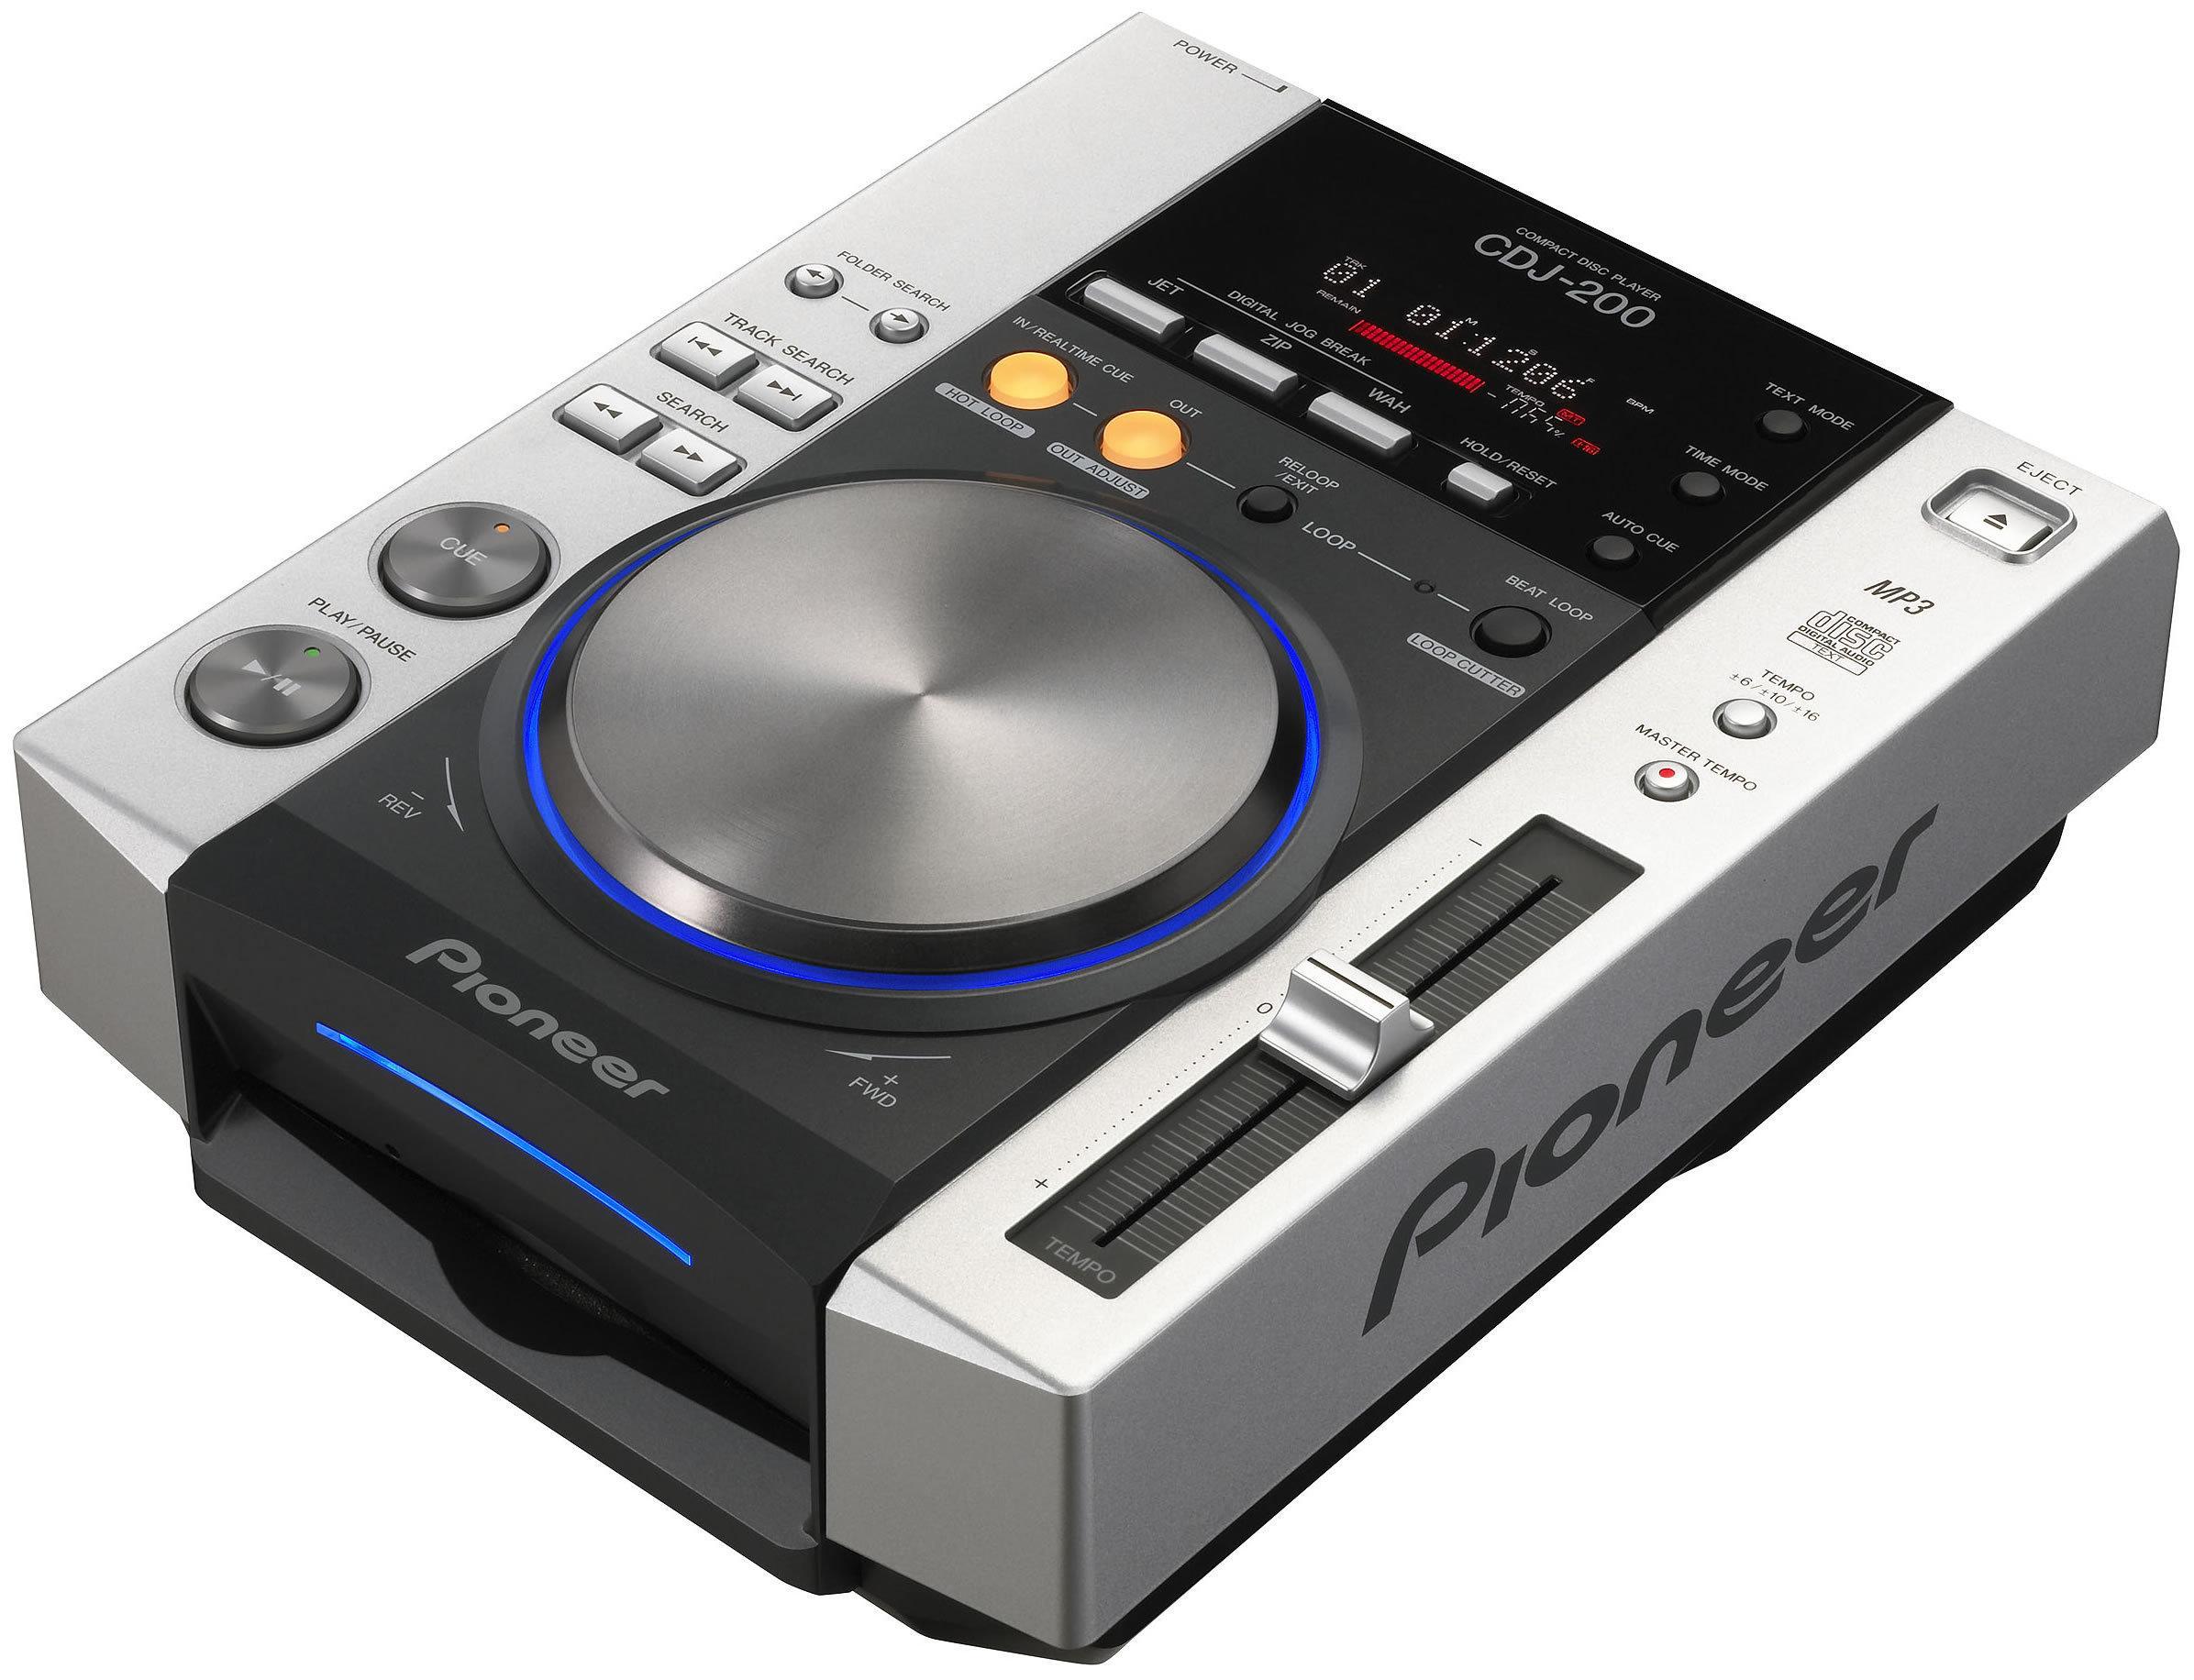 The Pioneer CDJ-200 CD deck